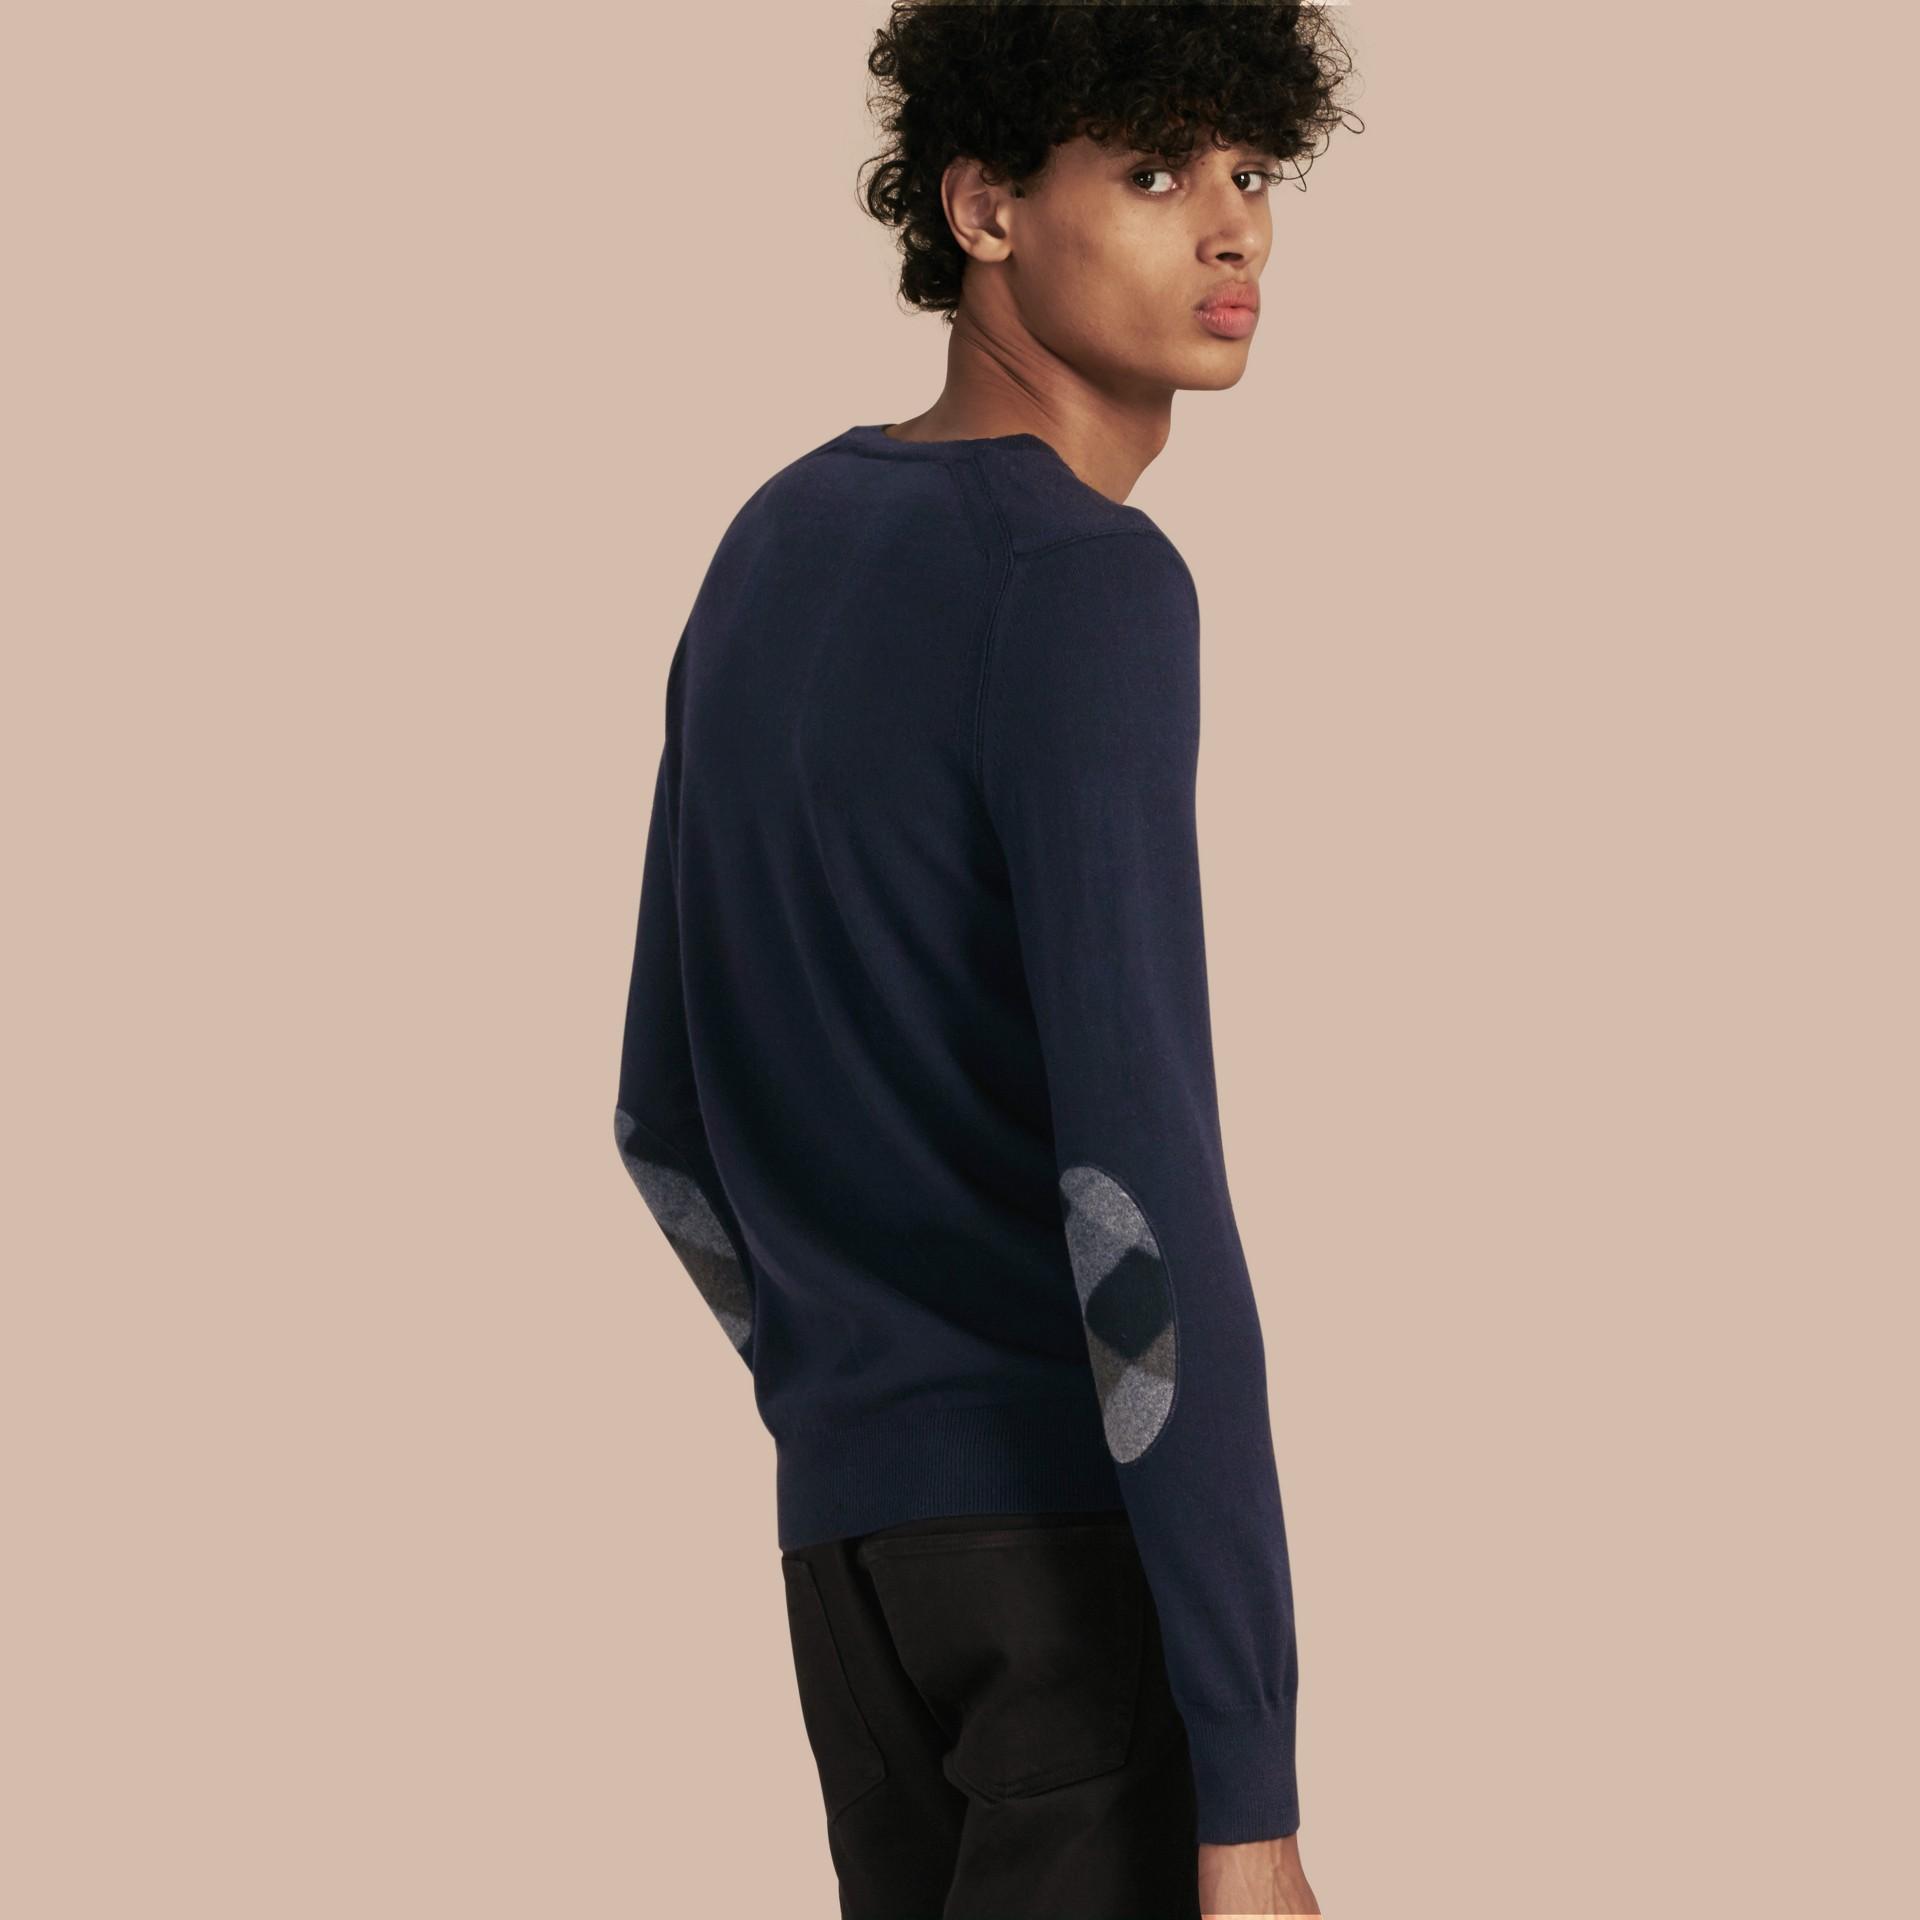 Azul-marinho Suéter de lã com detalhe xadrez nos cotovelos Azul-marinho - galeria de imagens 1